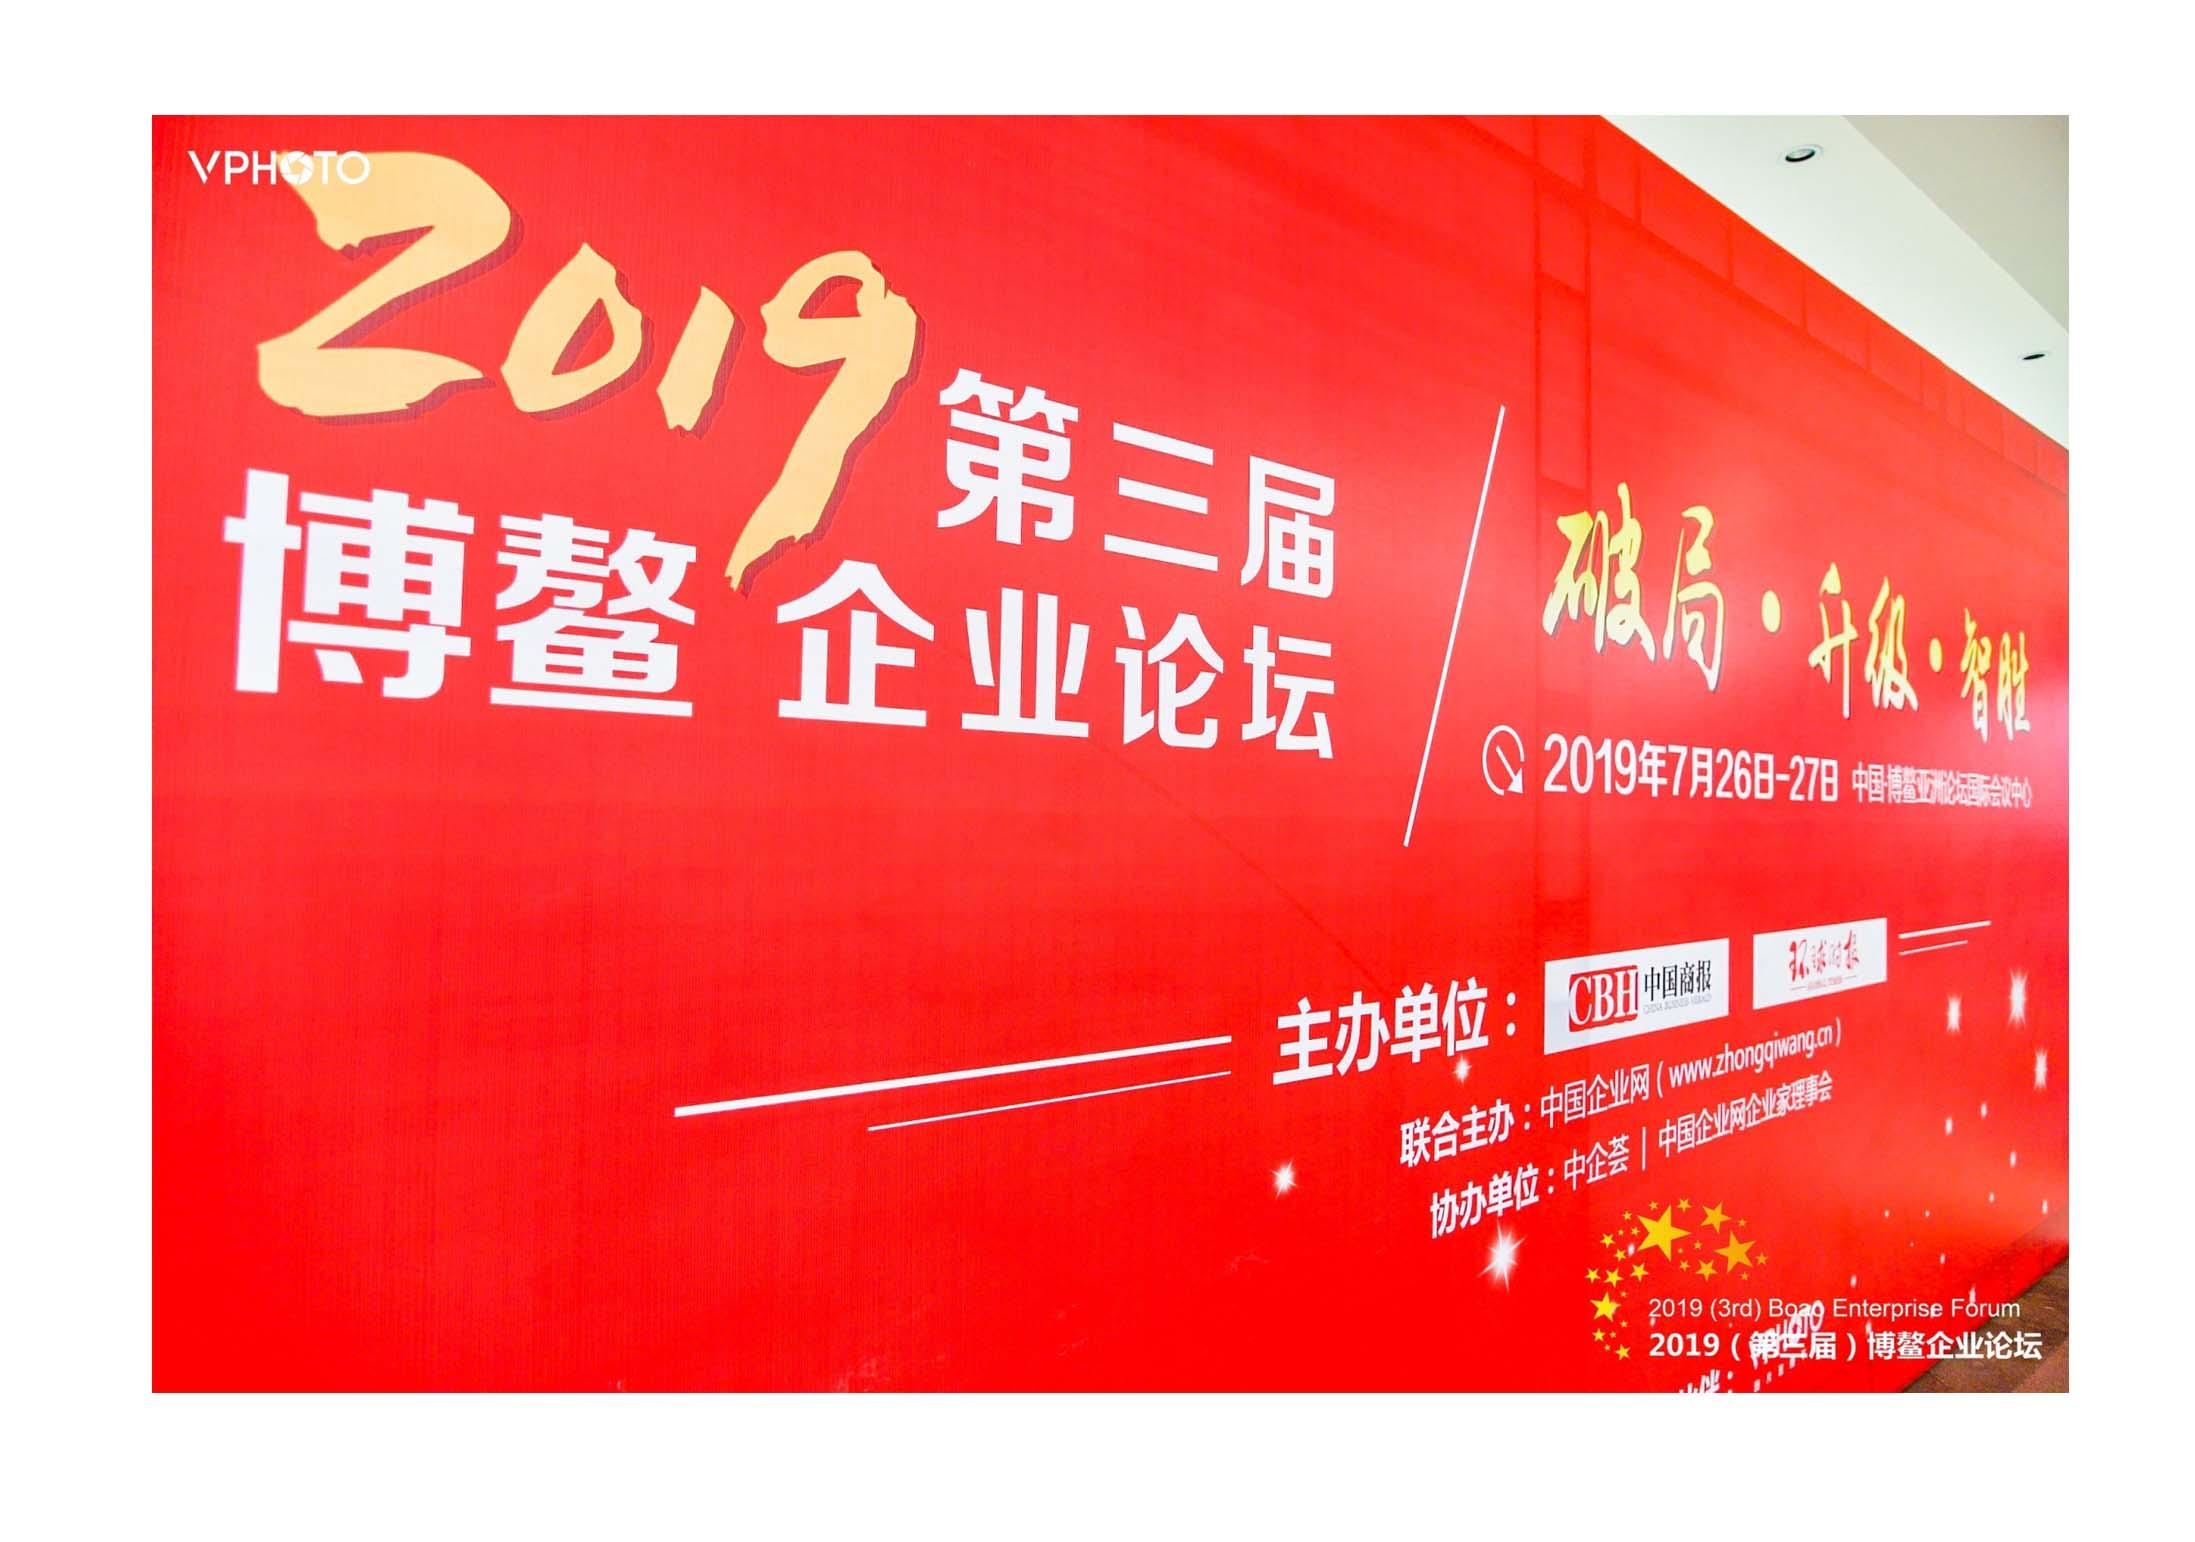 (2019年7月)际嘉传媒获中国文化产业创新品牌及中国文化产业创新人物二项大奖